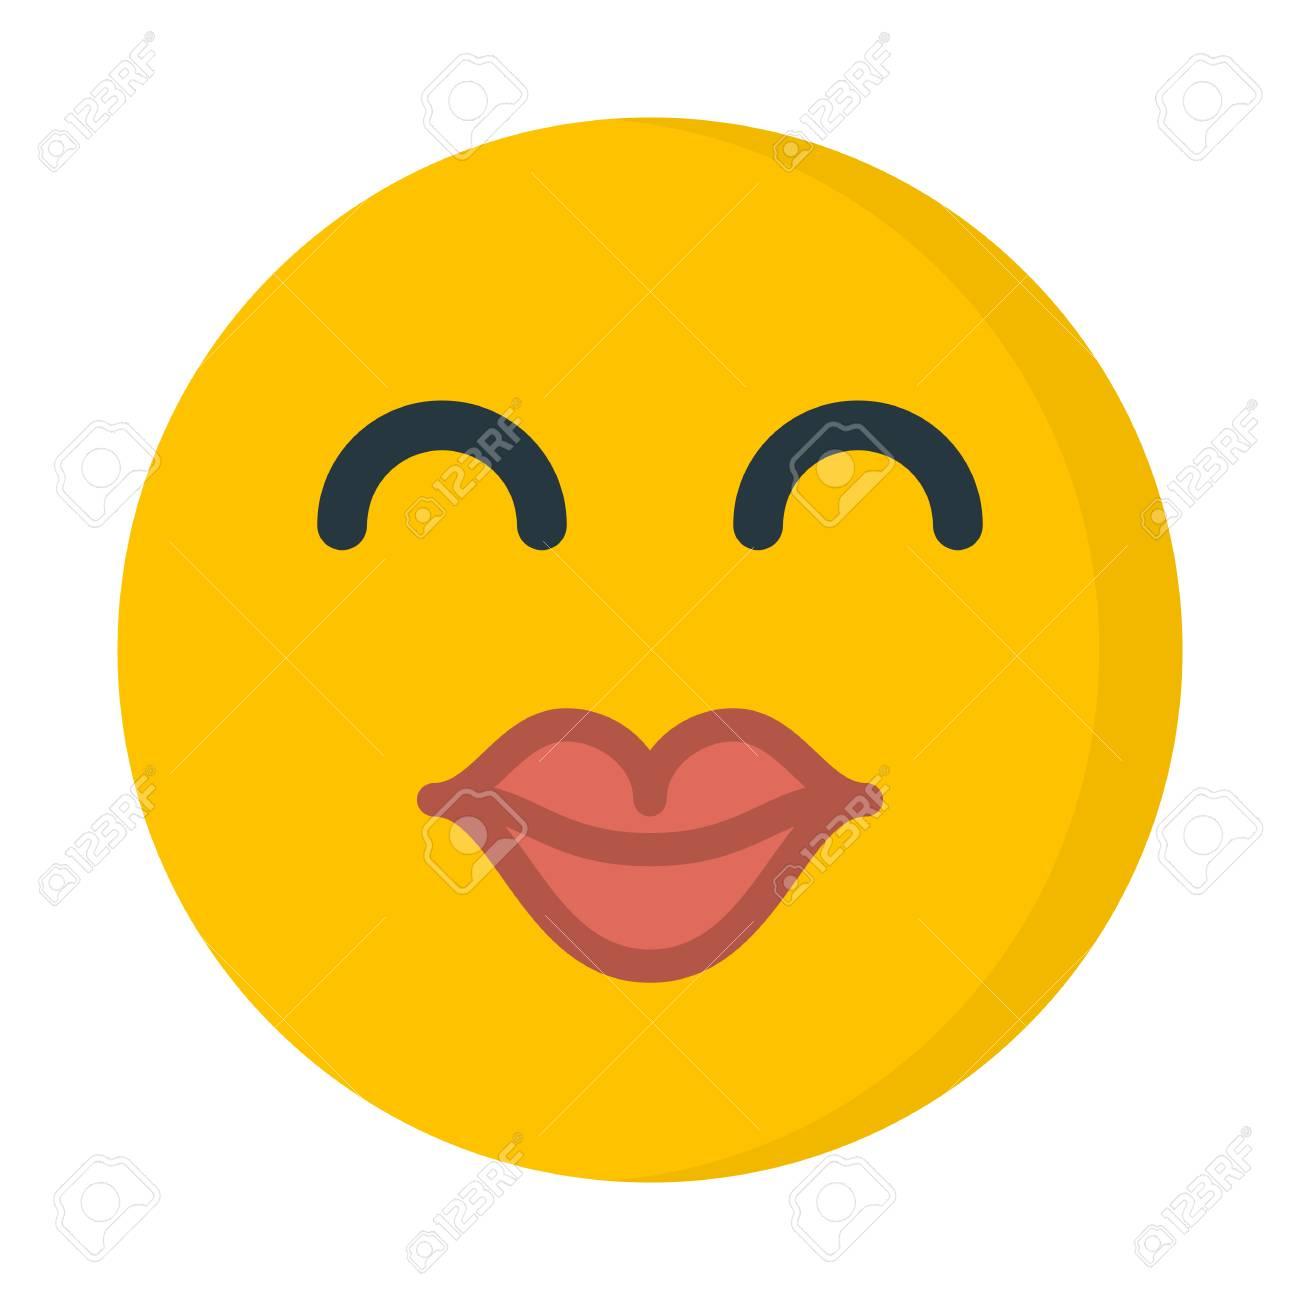 kiss emoji illustration royalty free cliparts vectors and stock